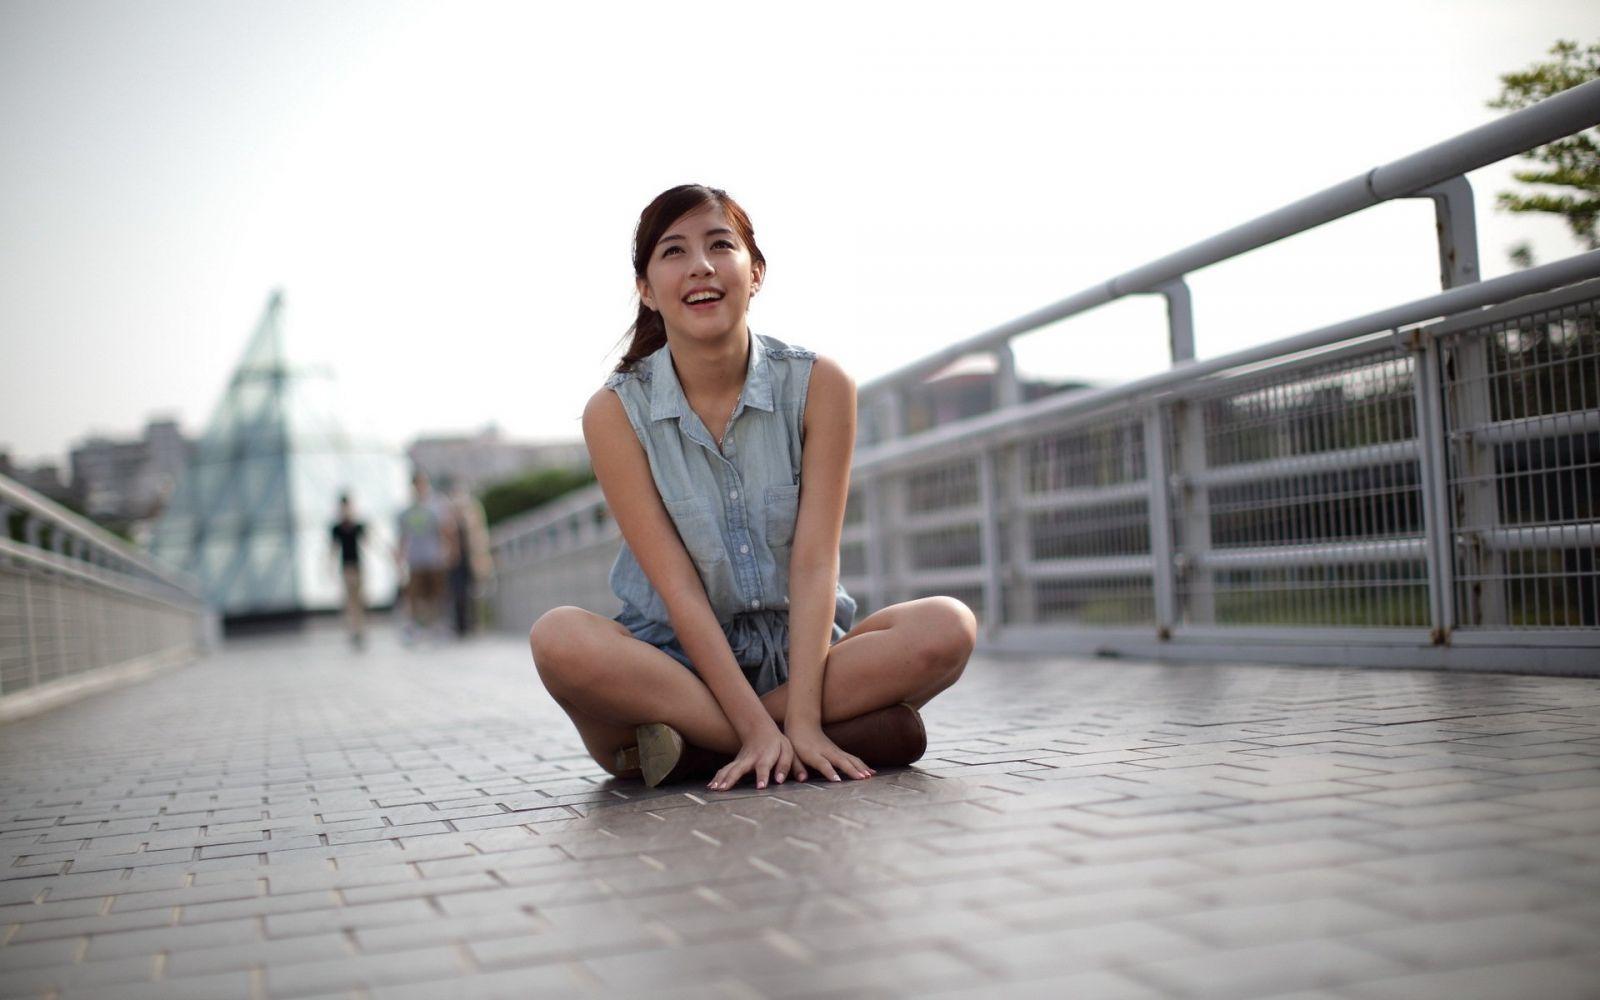 Азиатки на улице видео — photo 5